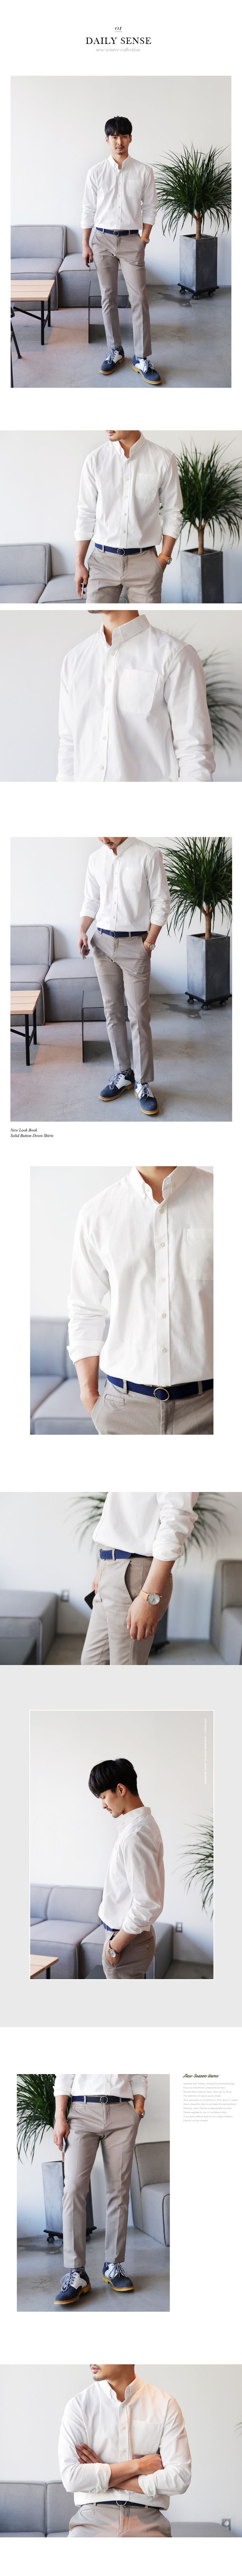 ボタンダウンカラーコットン起毛シャツ・全3色シャツシャツ|レディースファッション通販 DHOLICディーホリック [ファストファッション 水着 ワンピース]